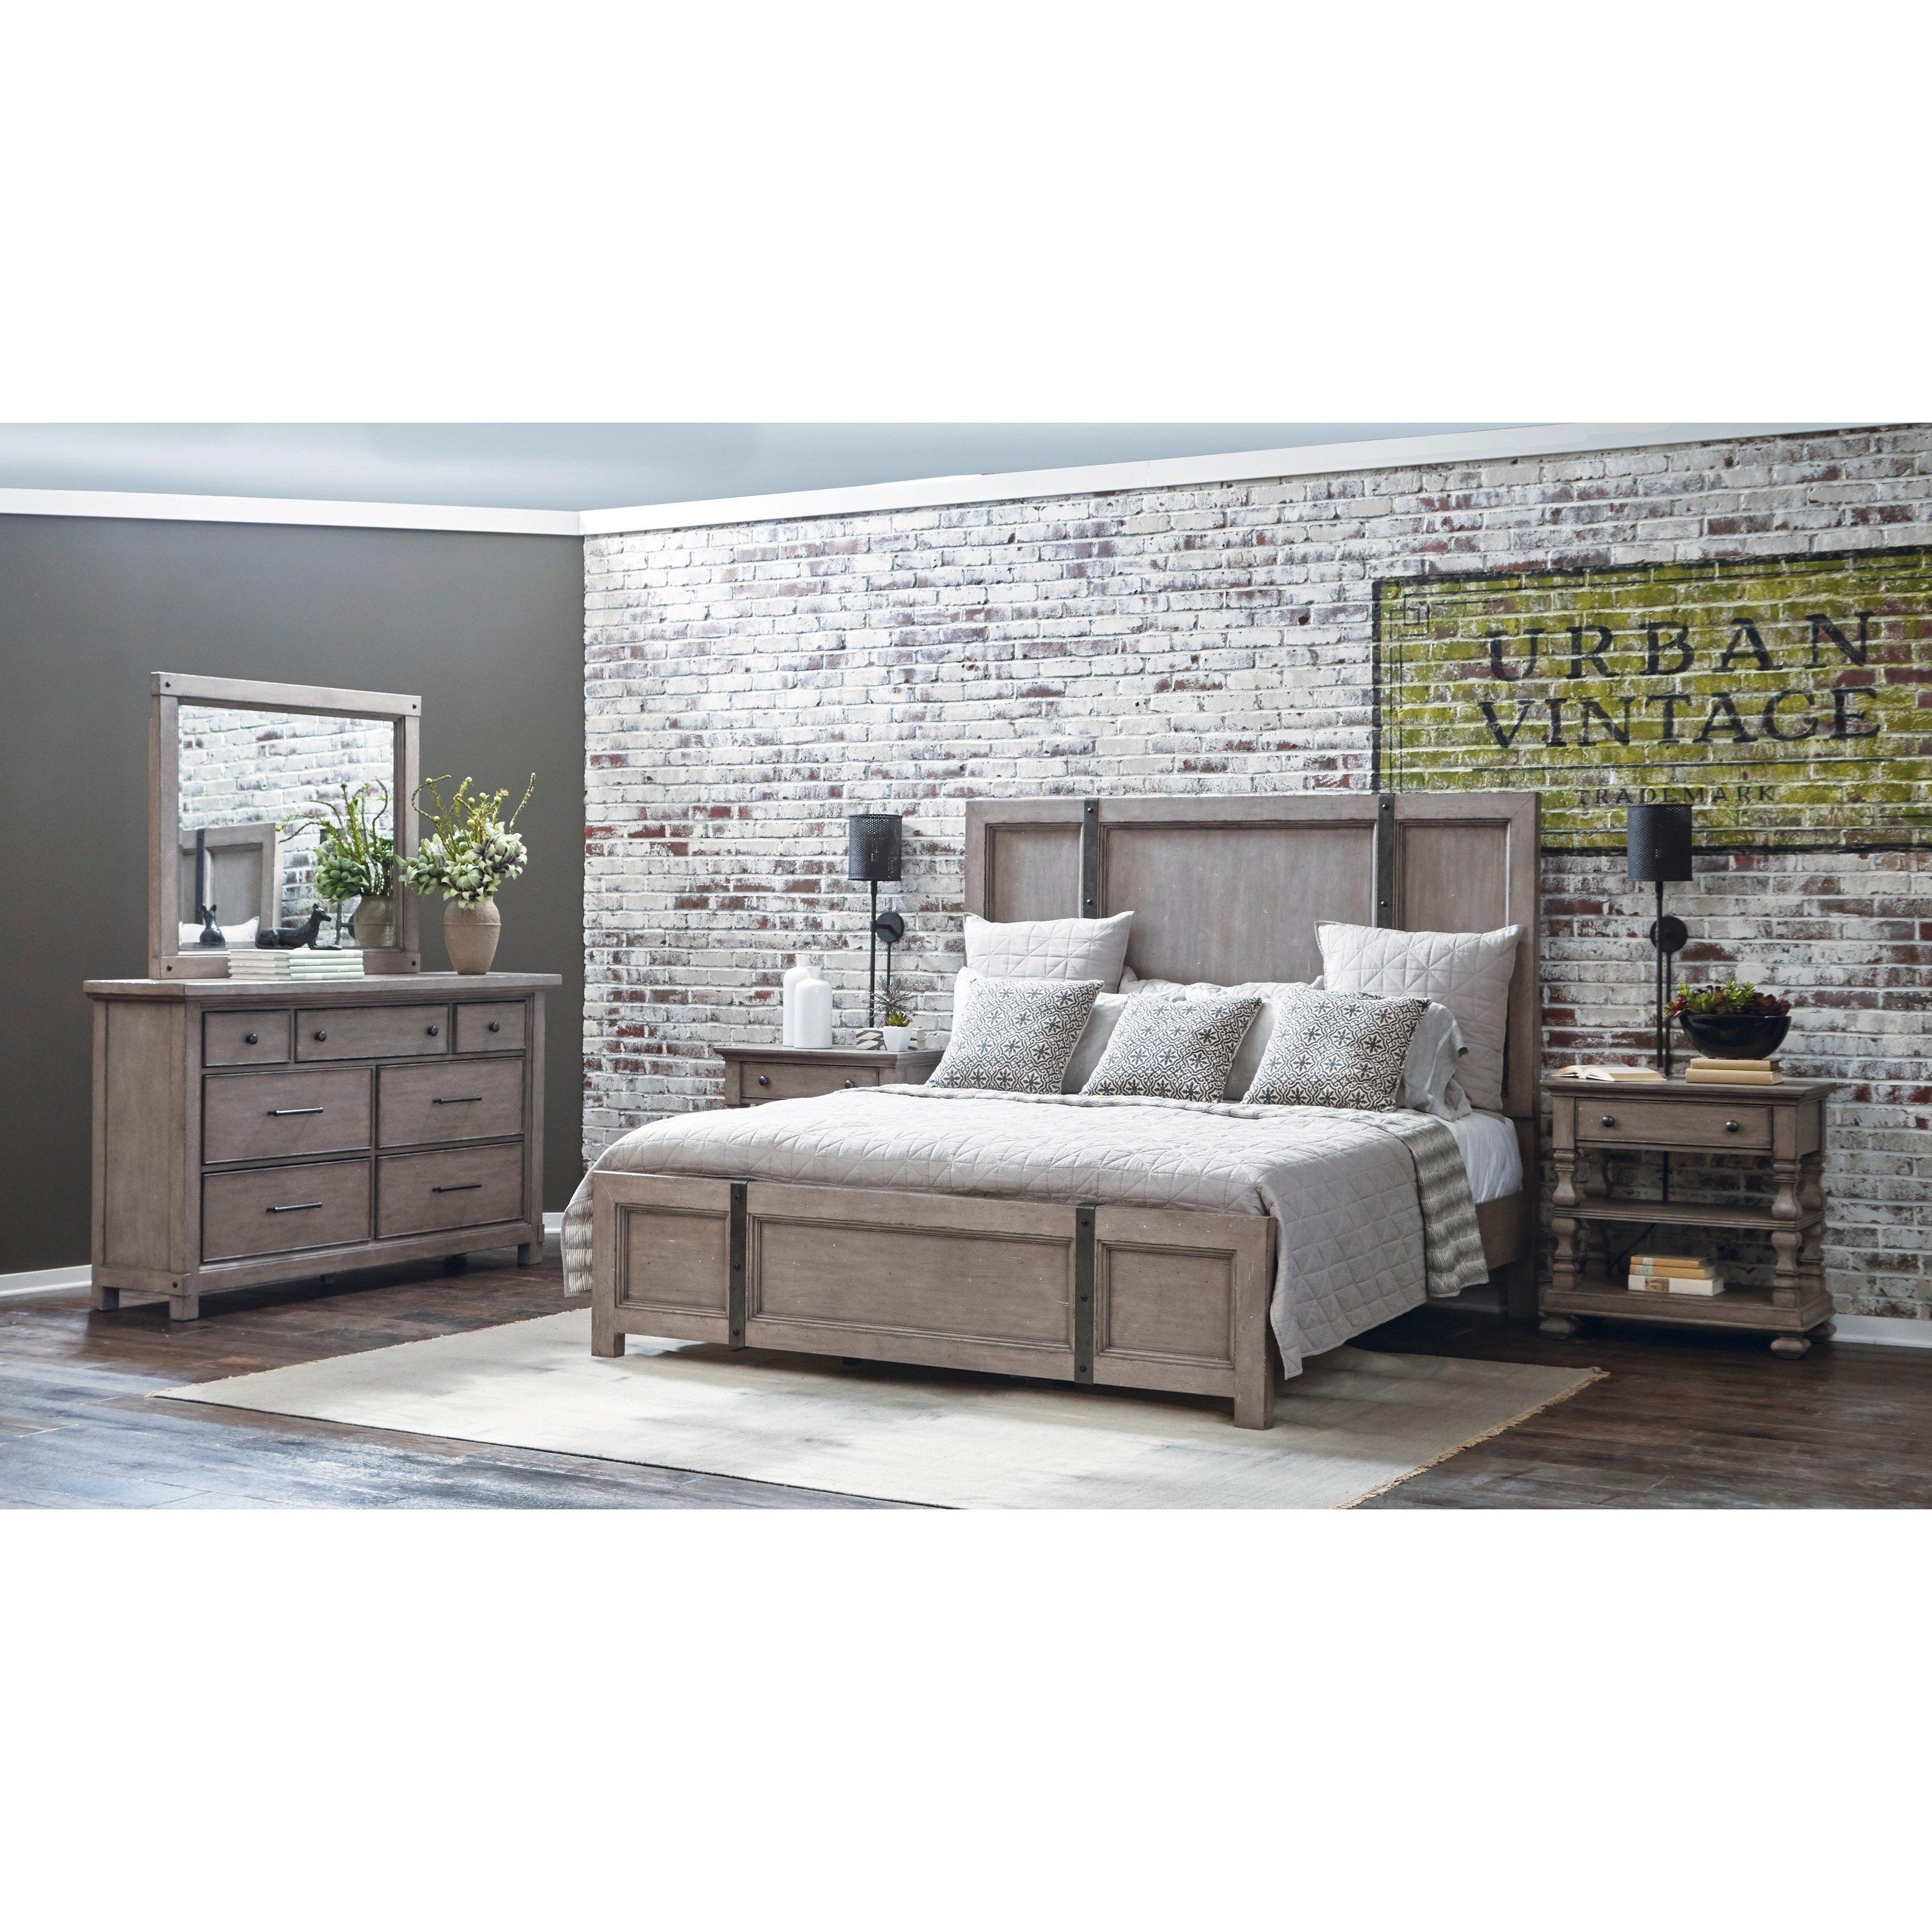 Harrison Queen Bedroom Group 3 At Belfort Furniture Royal Furniture Furniture Mattress Furniture